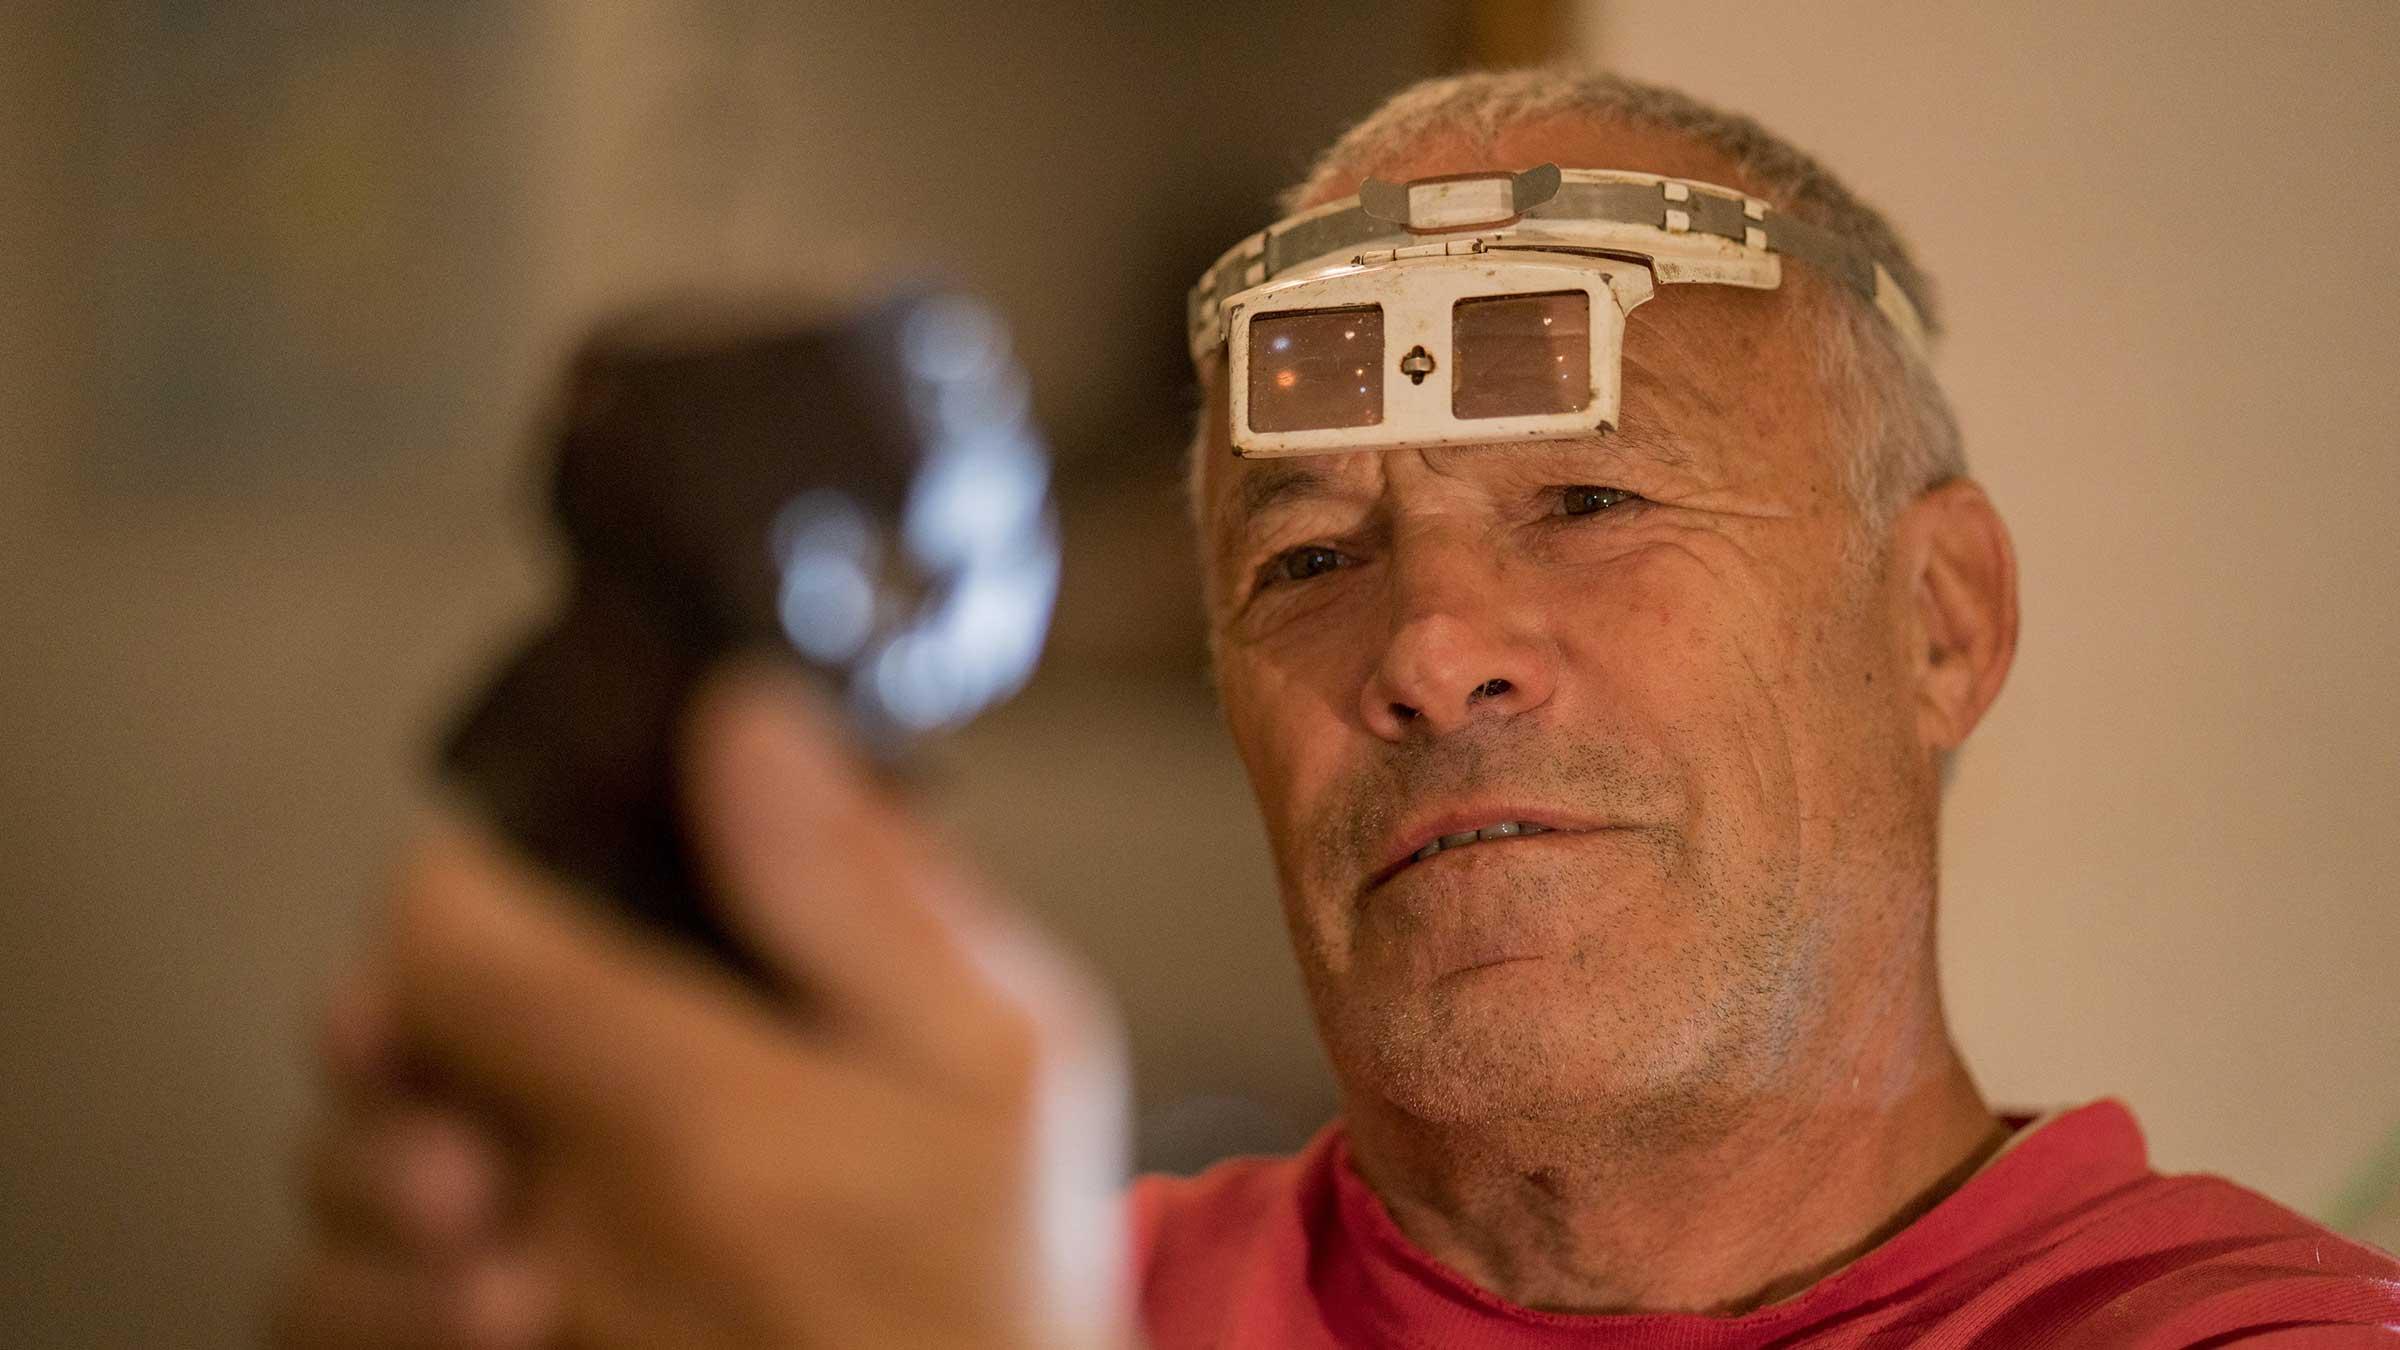 Walter Riml prüft Granaten - Mineraliensuche im Ötztal